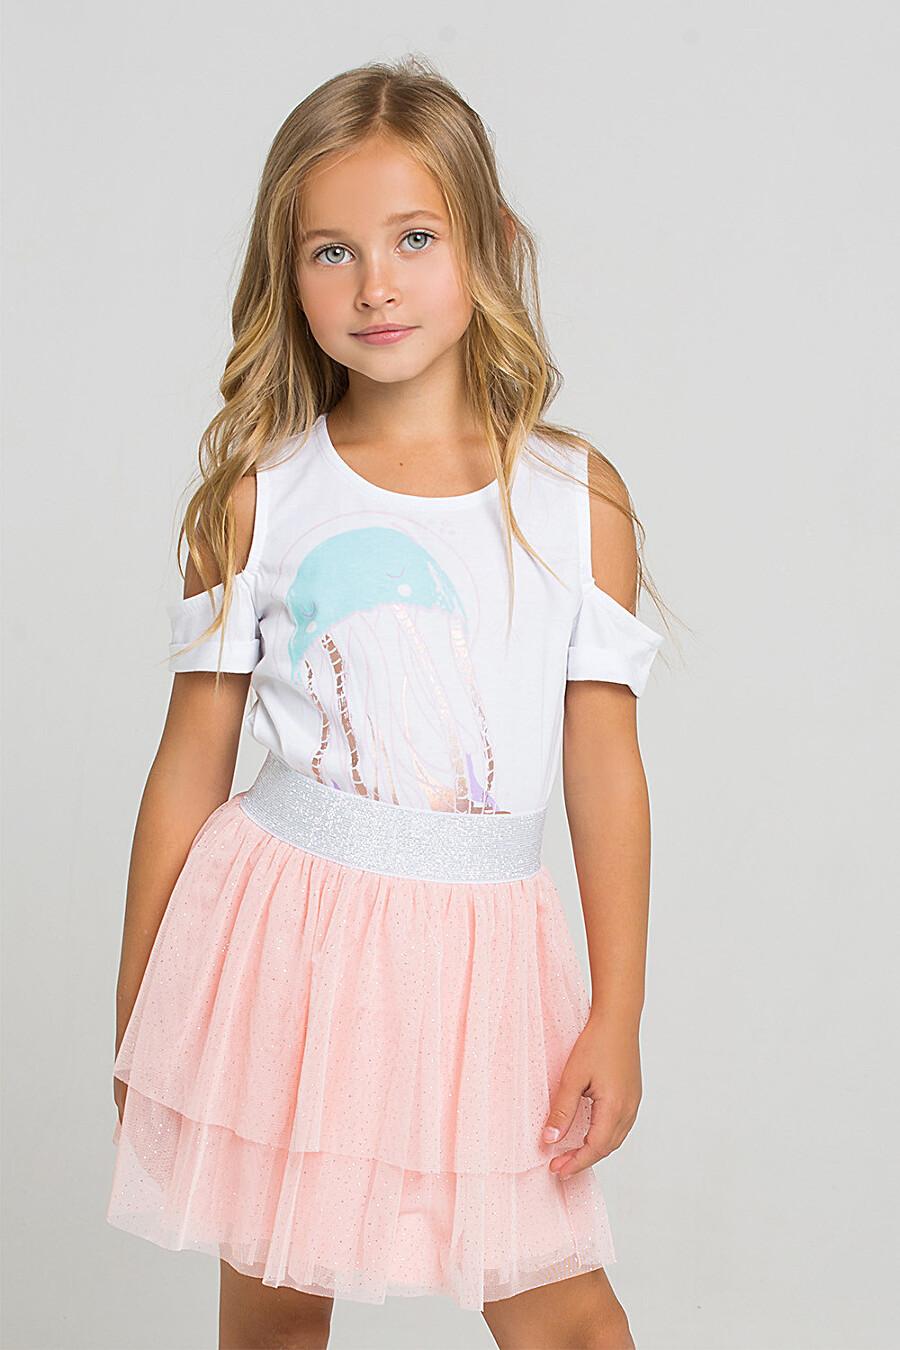 Футболка для девочек CROCKID 219897 купить оптом от производителя. Совместная покупка детской одежды в OptMoyo